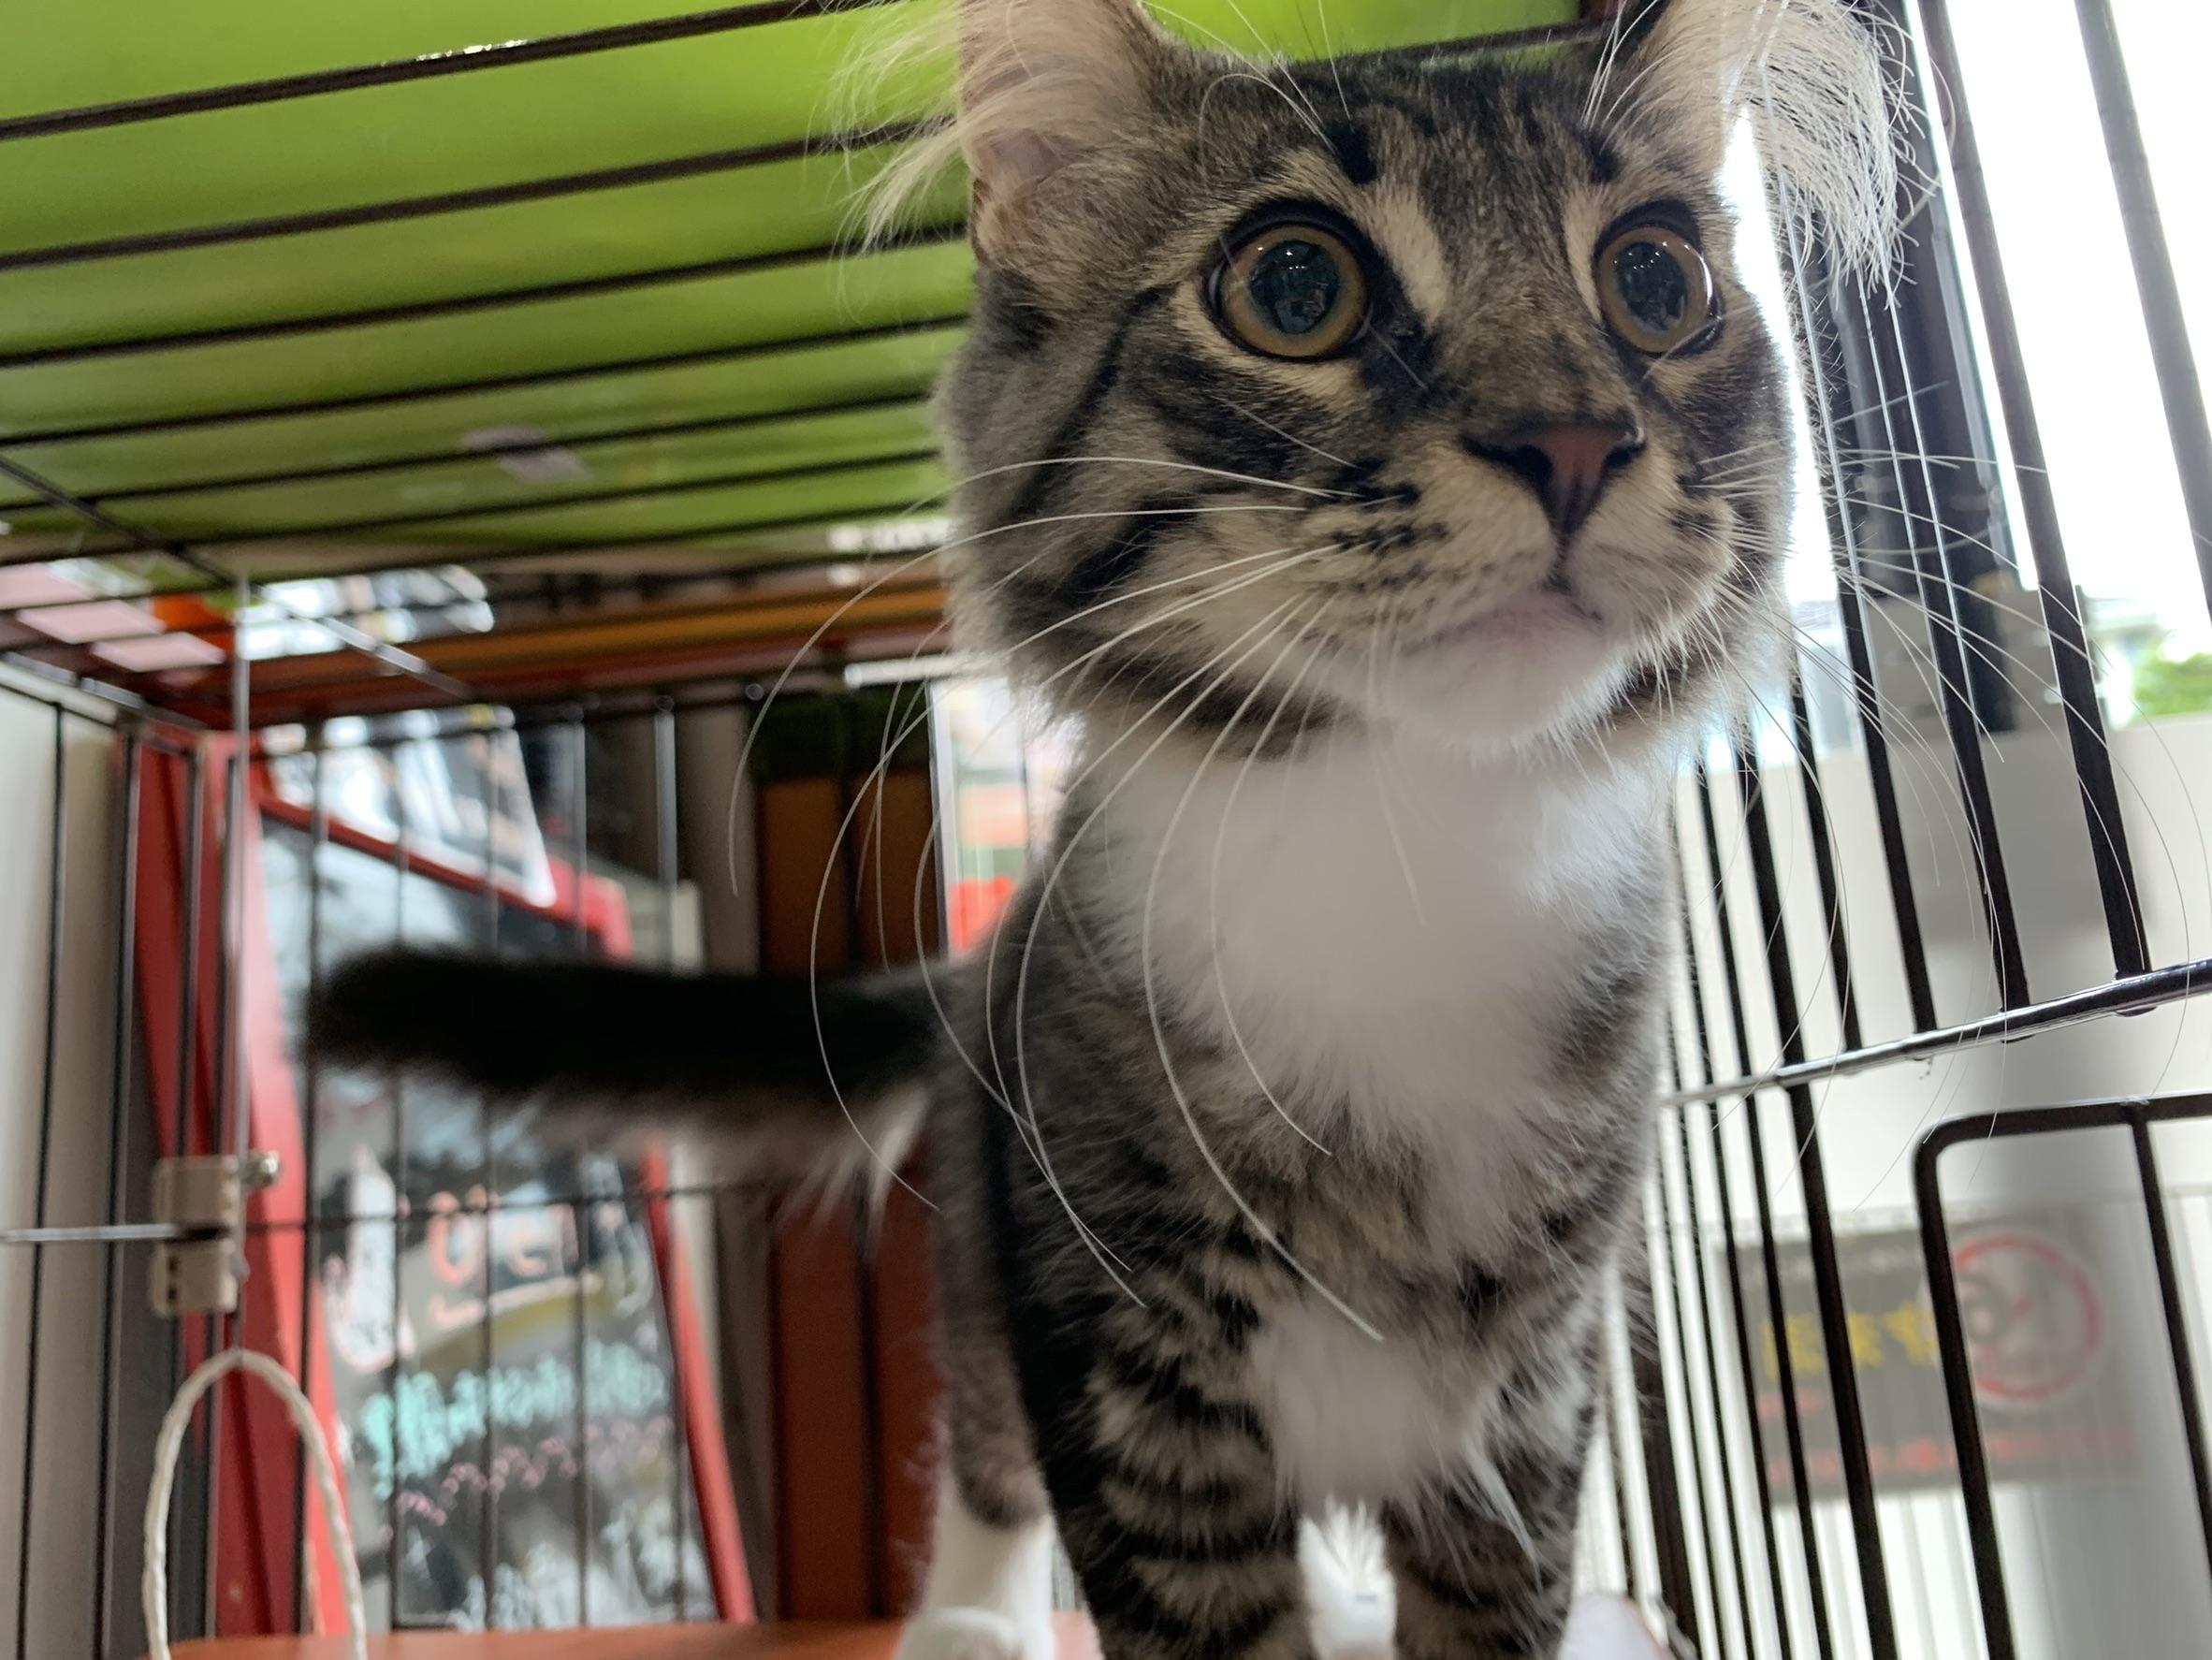 <ul> <li>猫種:ノルウェージャン</li> <li>性別:男の子</li> <li>名前:テト</li> <li>年齢:2019.4.20生まれ</li> <li>保護経緯:飼い主の病気により飼育困難になりました</li> </ul>